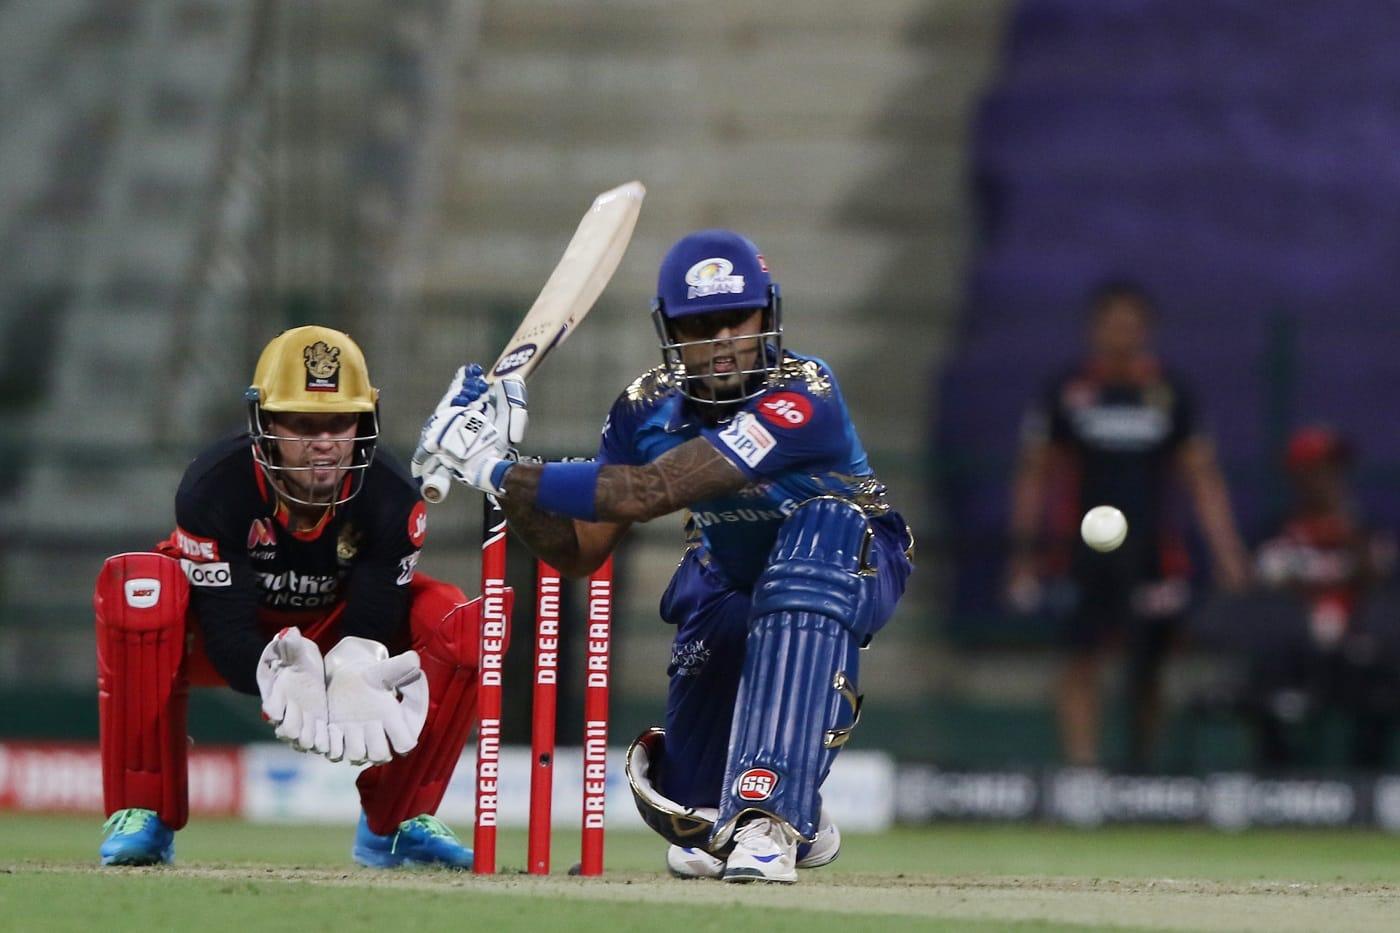 मुम्बईसँग हार्यो विराटको बैंग्लोर : मुम्बई इन्डियन्स आईपीएलको प्लेअफमा